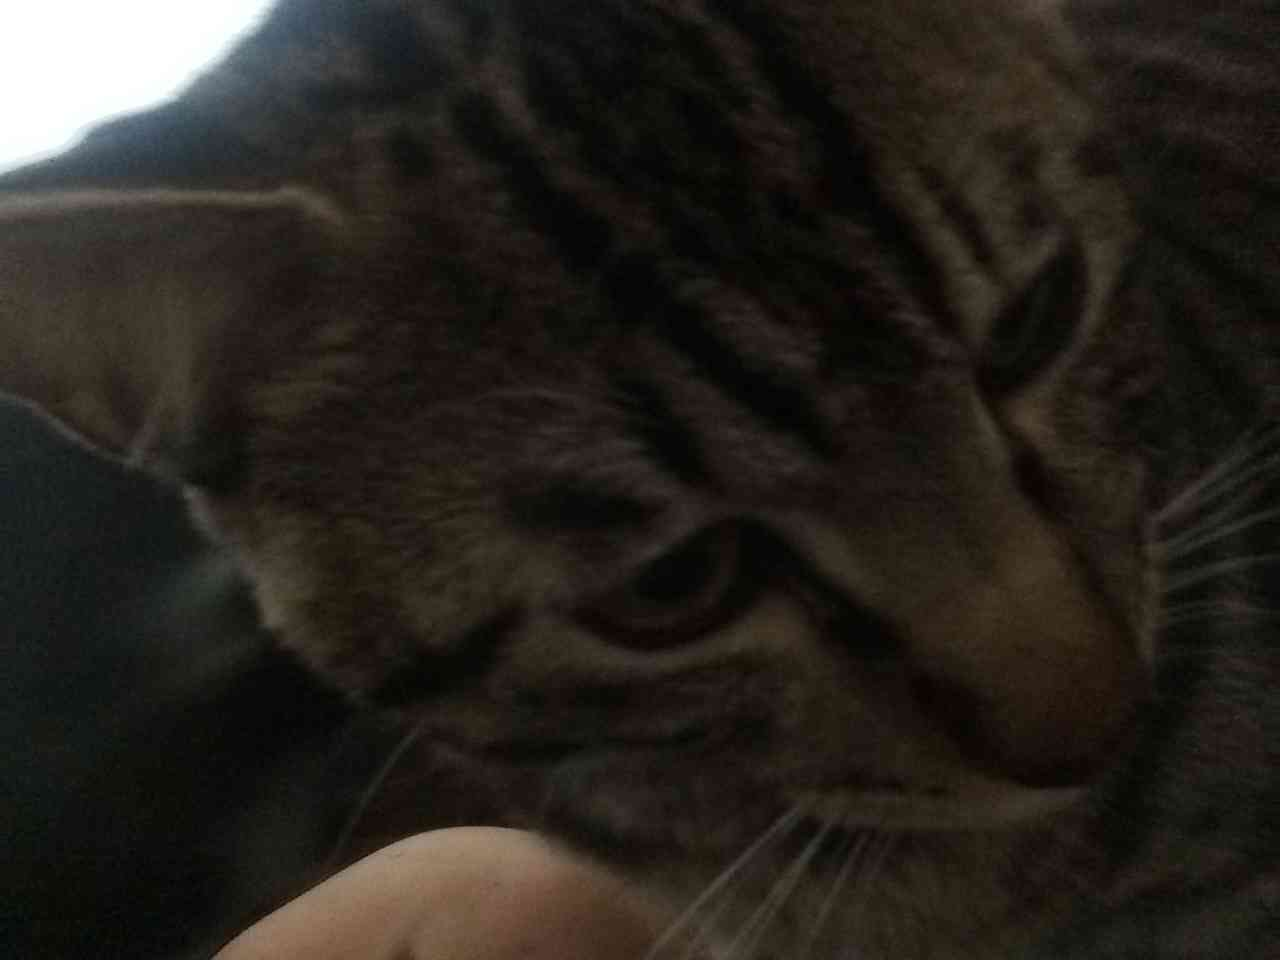 【猫】のセクシー写真集を作ろう!